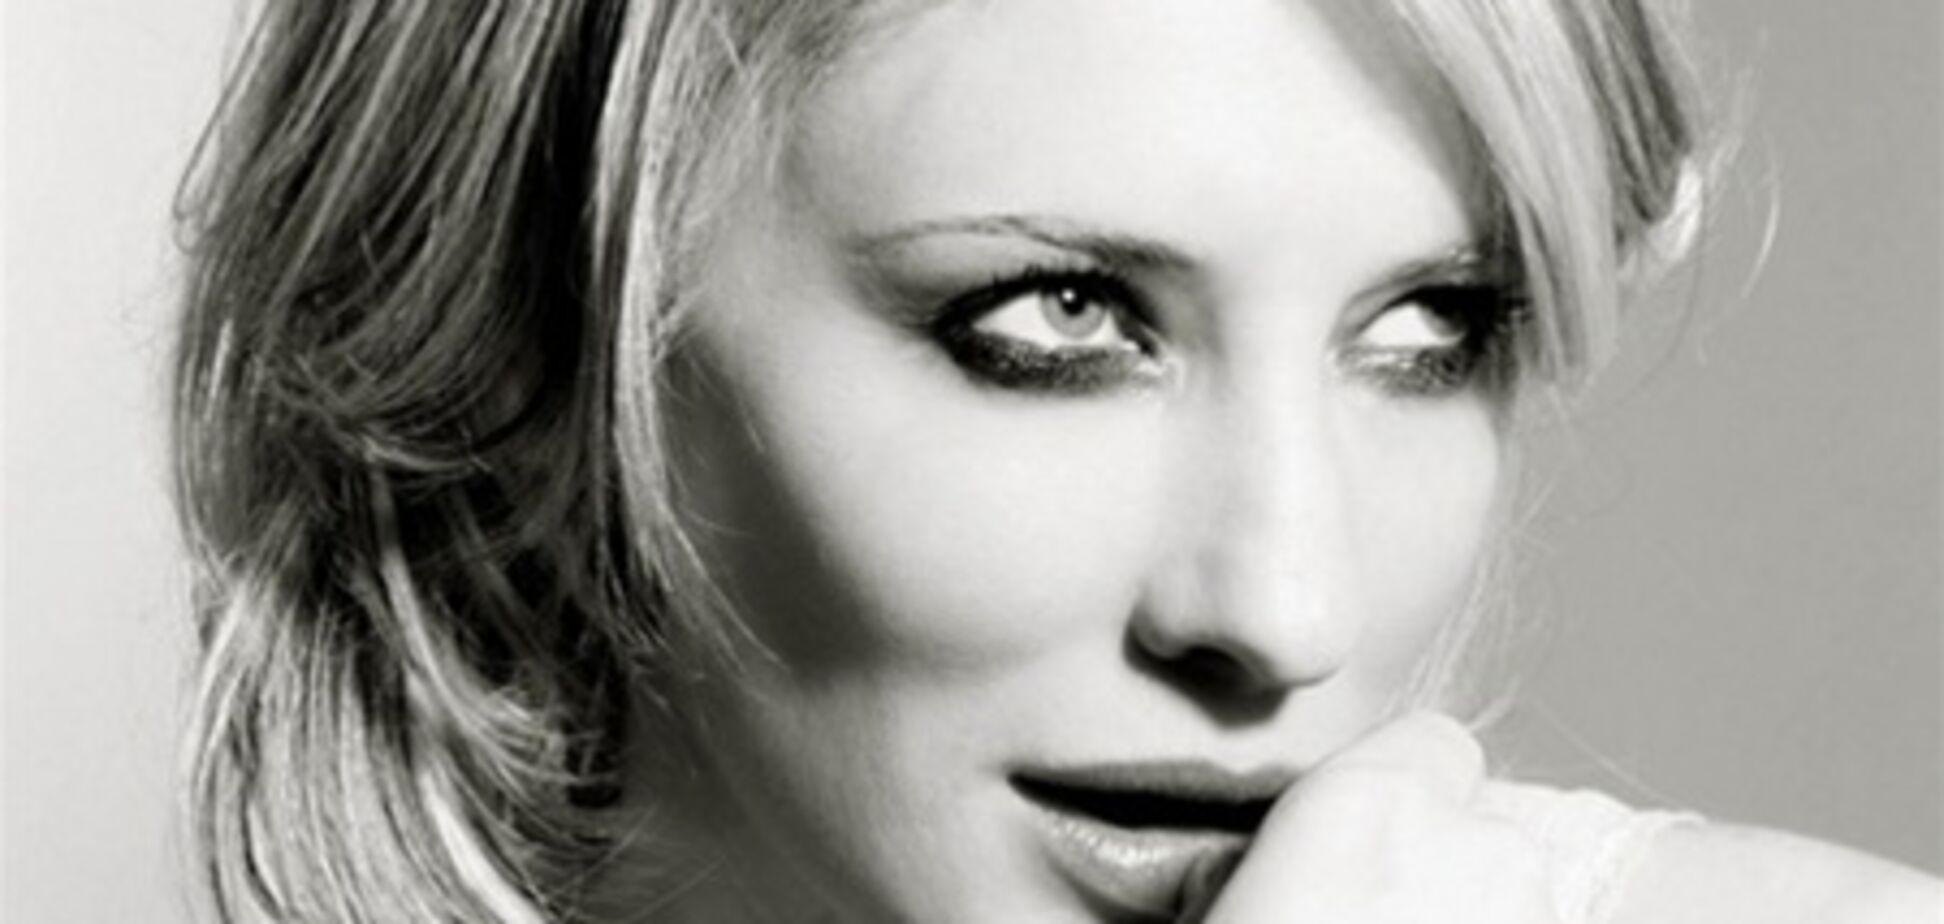 Кейт Бланшетт - 44